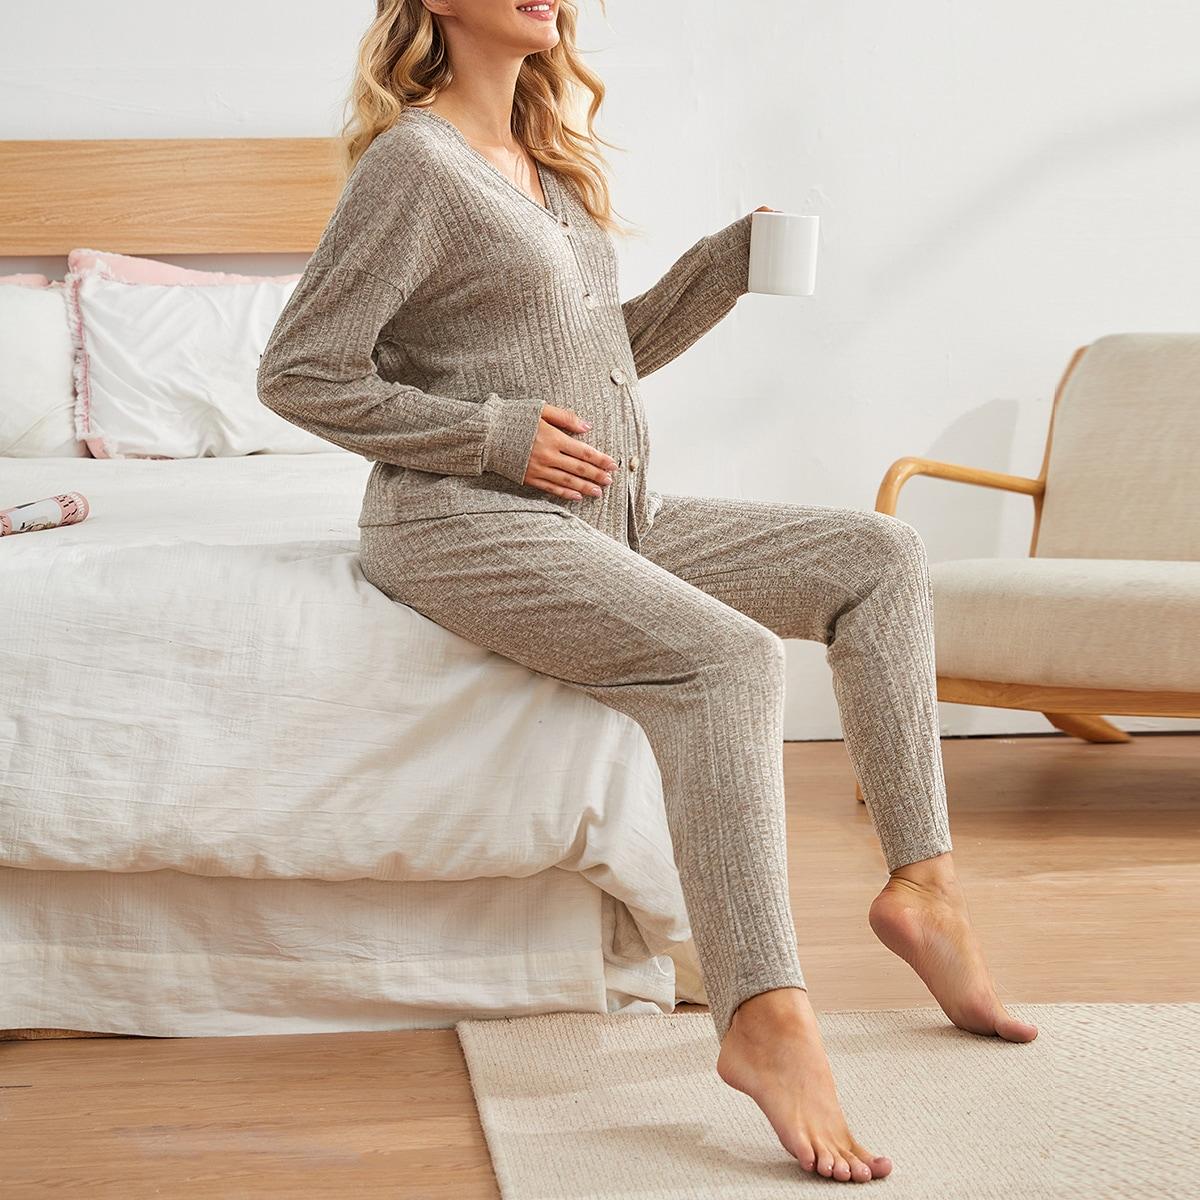 Rippenstrick Pyjama Set mit Knöpfen vorne